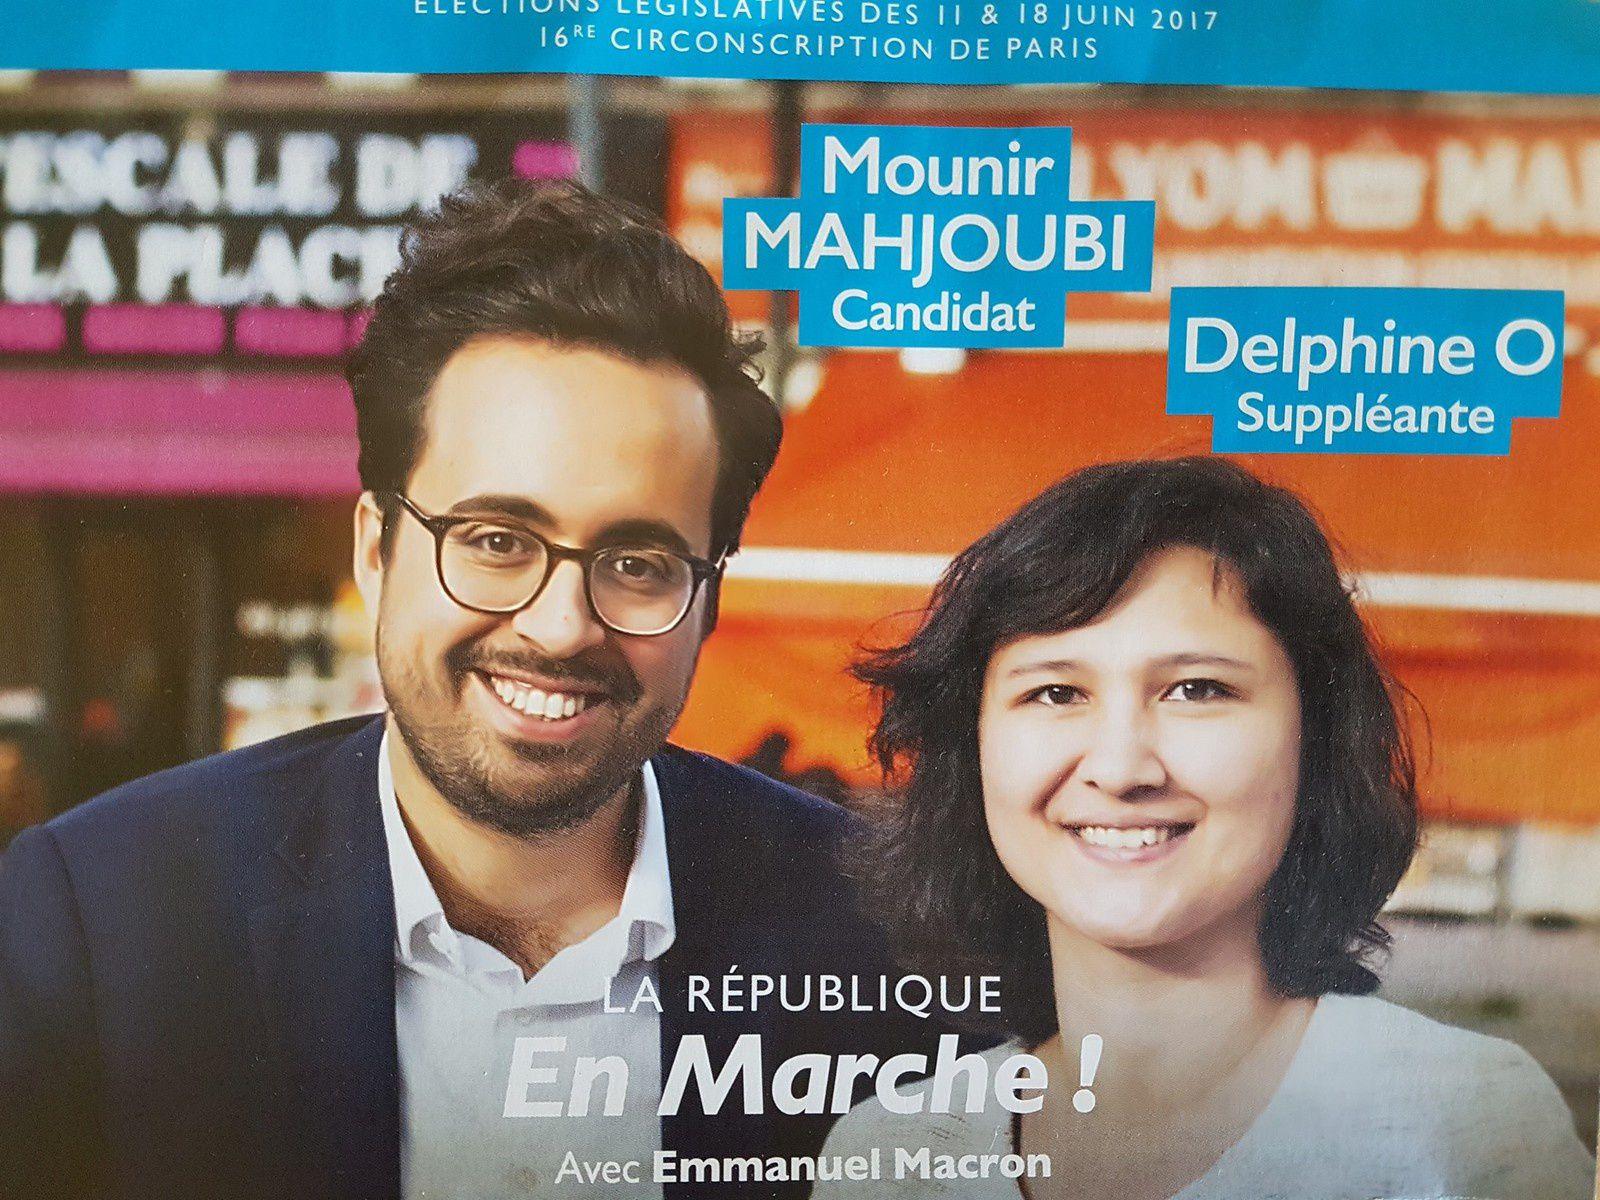 """""""2ème tour des élections législatives du 18 juin 2017 en France : M. MACRON vers le hold-up du siècle"""" par M. Amadou Bal BA-http://baamadou.over-blog.fr/"""